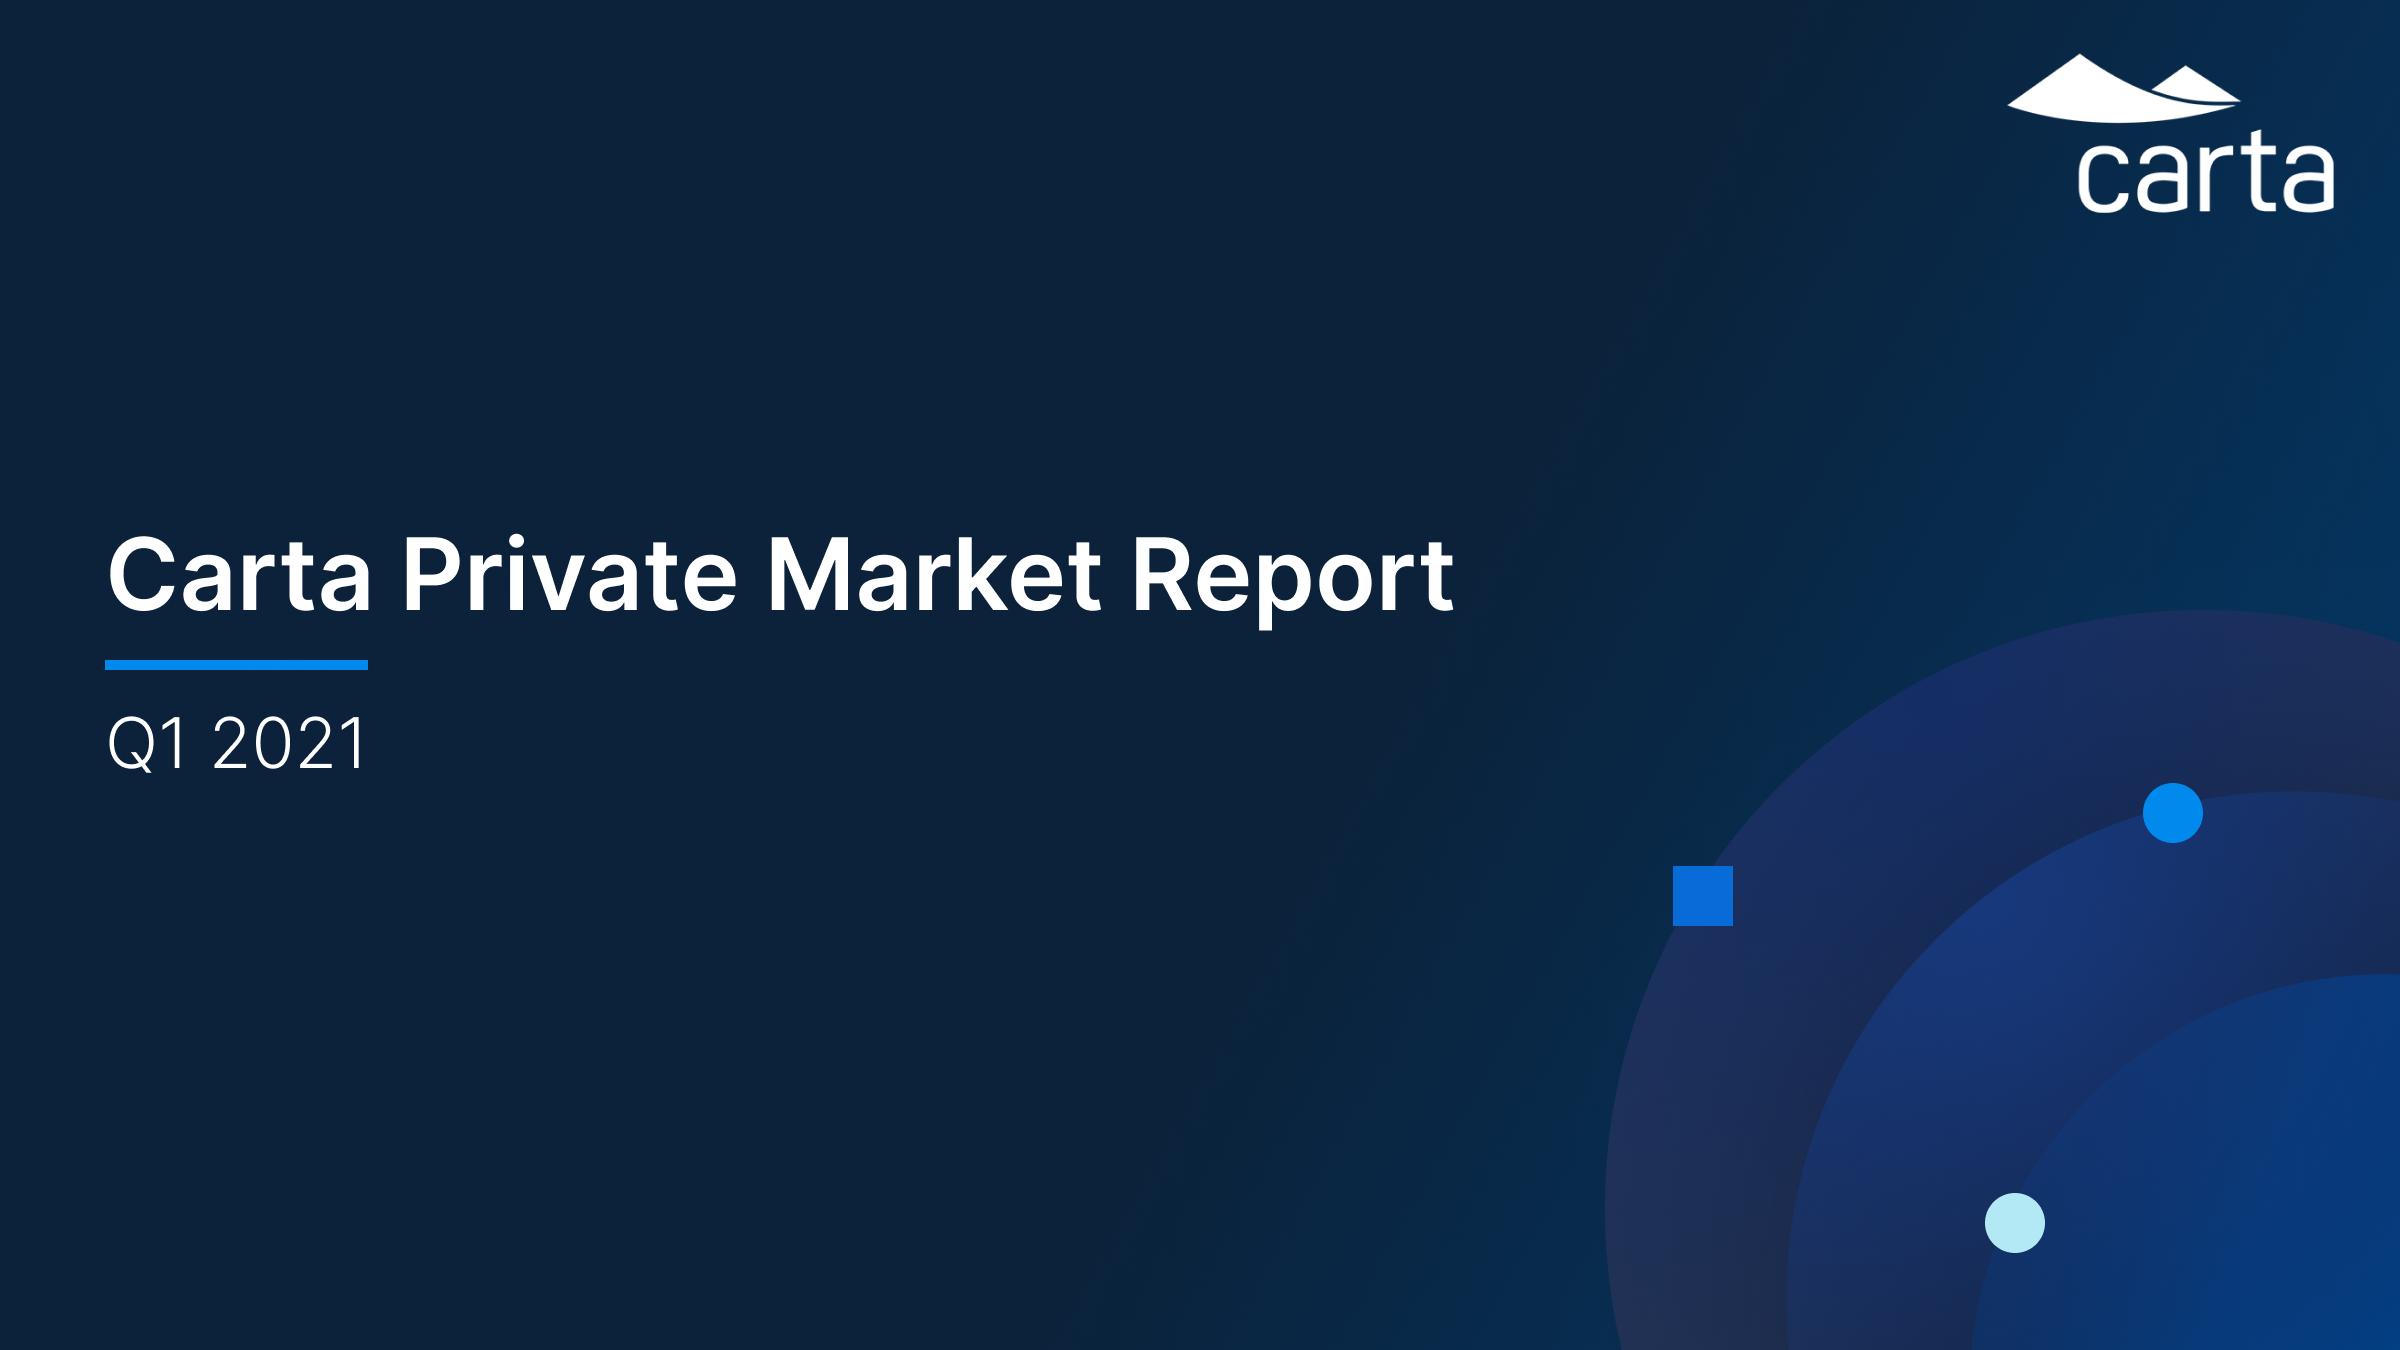 Carta's Private Market Report, Q121